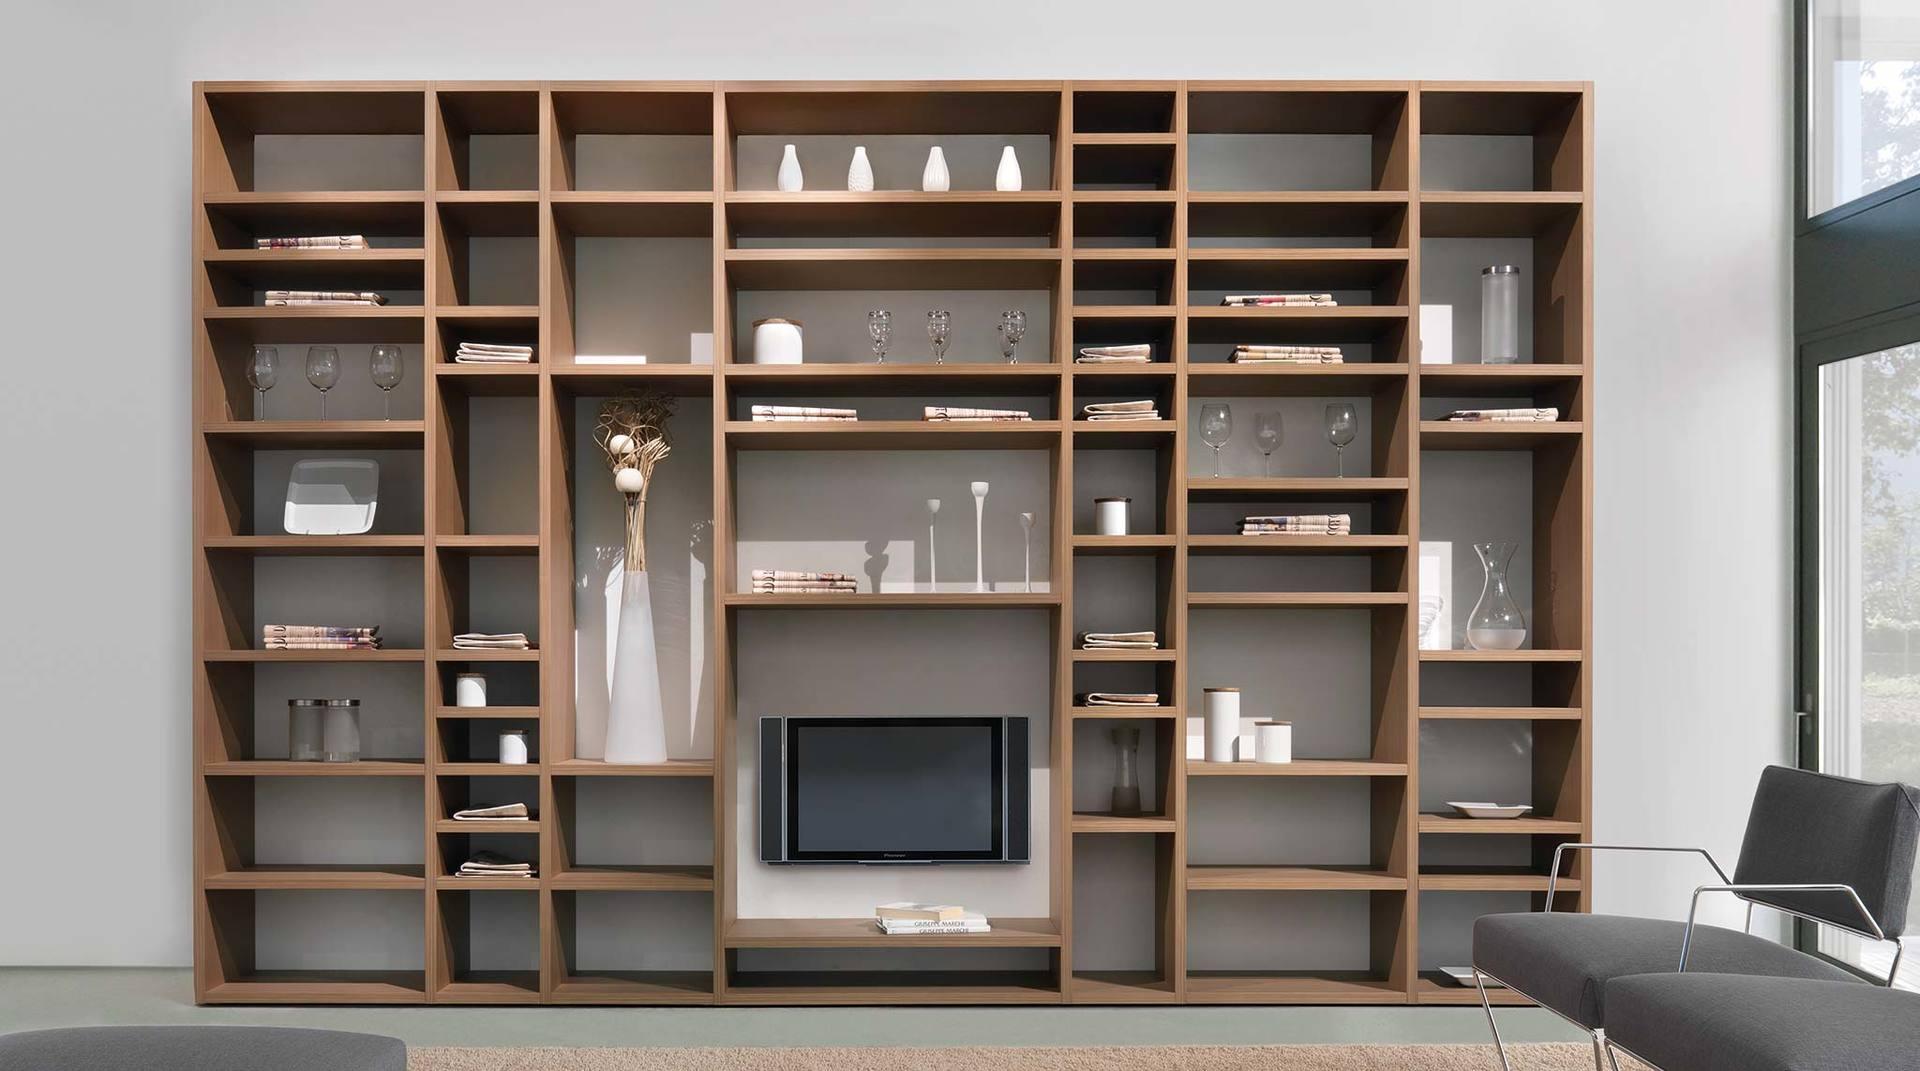 Mobili e complementi d 39 arredo la spezia botti mobili for Botti in legno arredamento